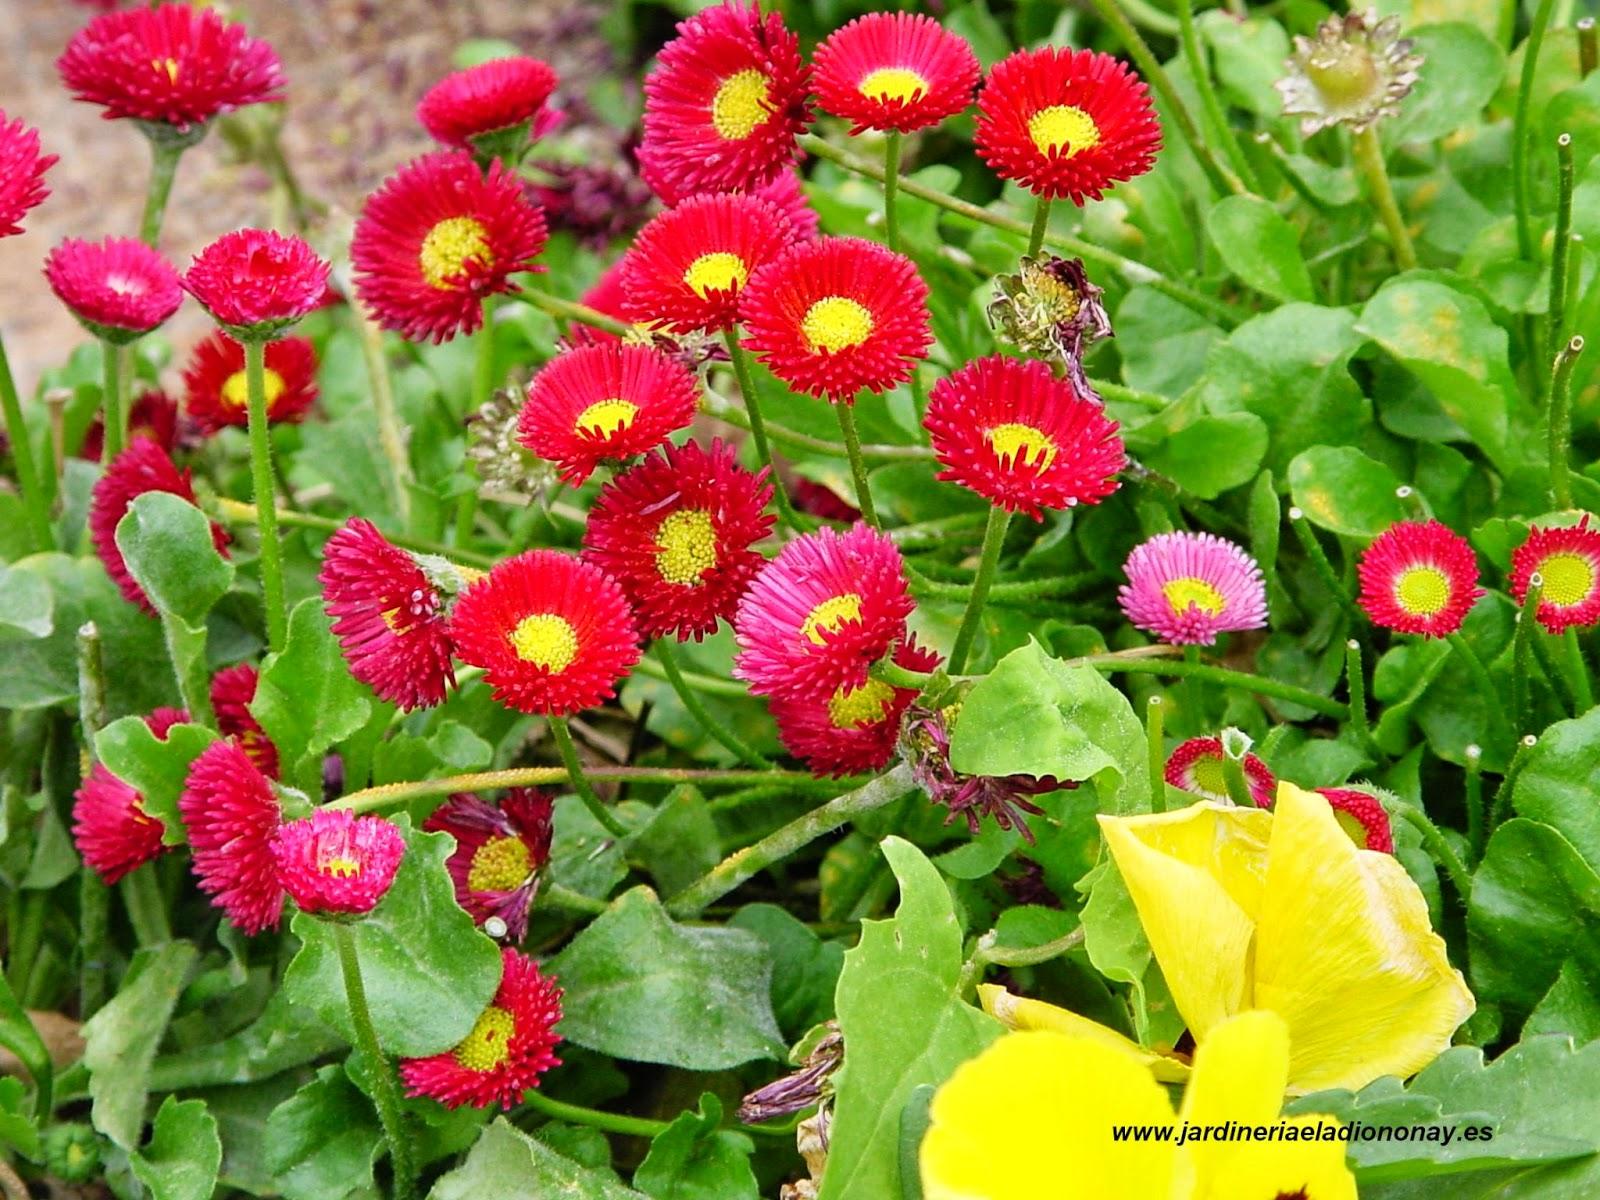 Jardineria eladio nonay bellis perennis jardiner a - Jardineria eladio nonay ...